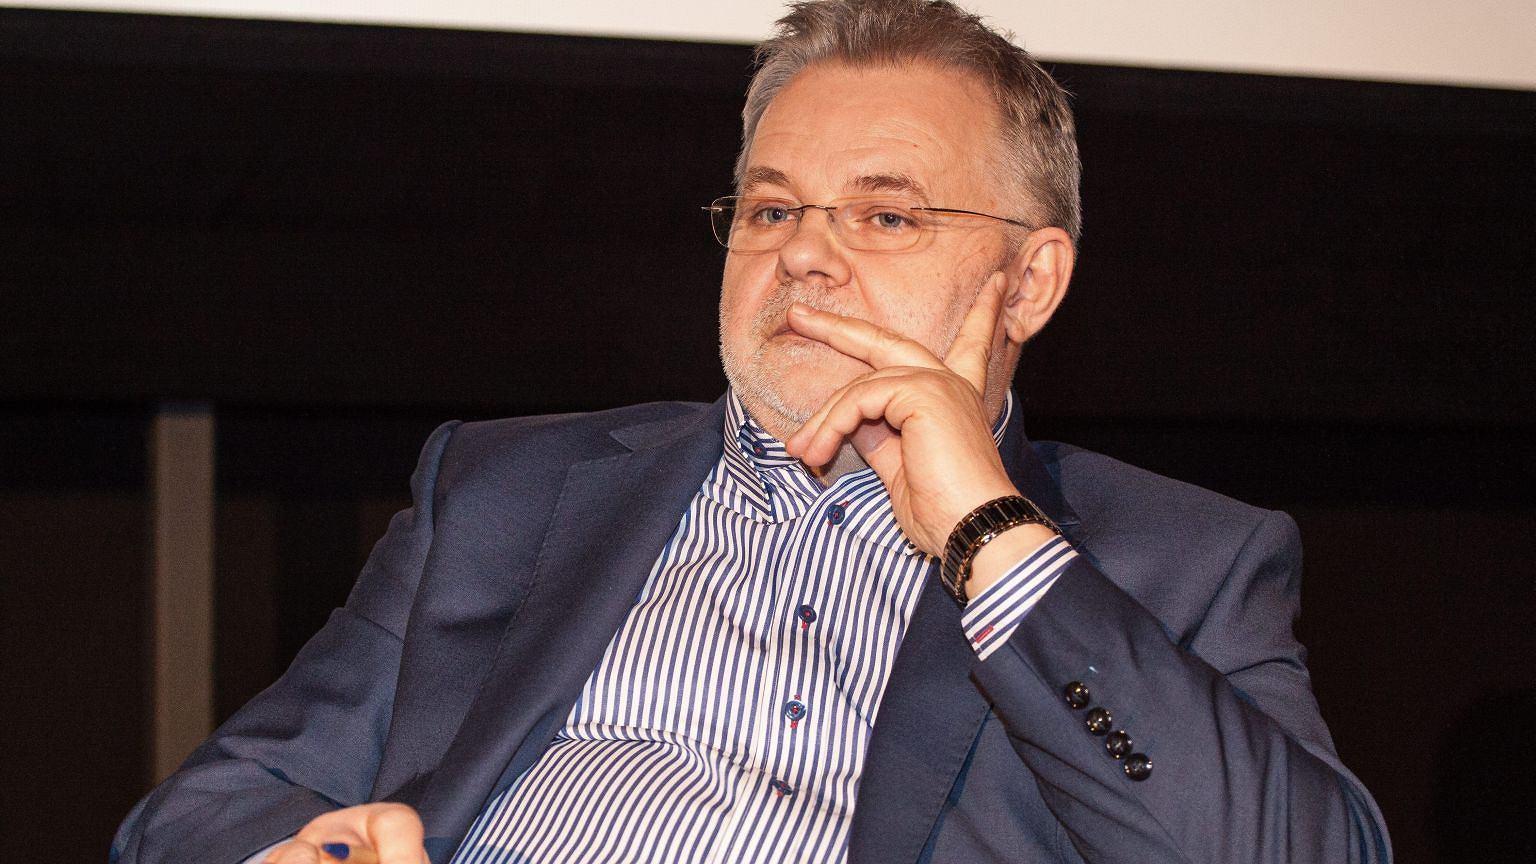 Prof. Zbigniew Izdebski